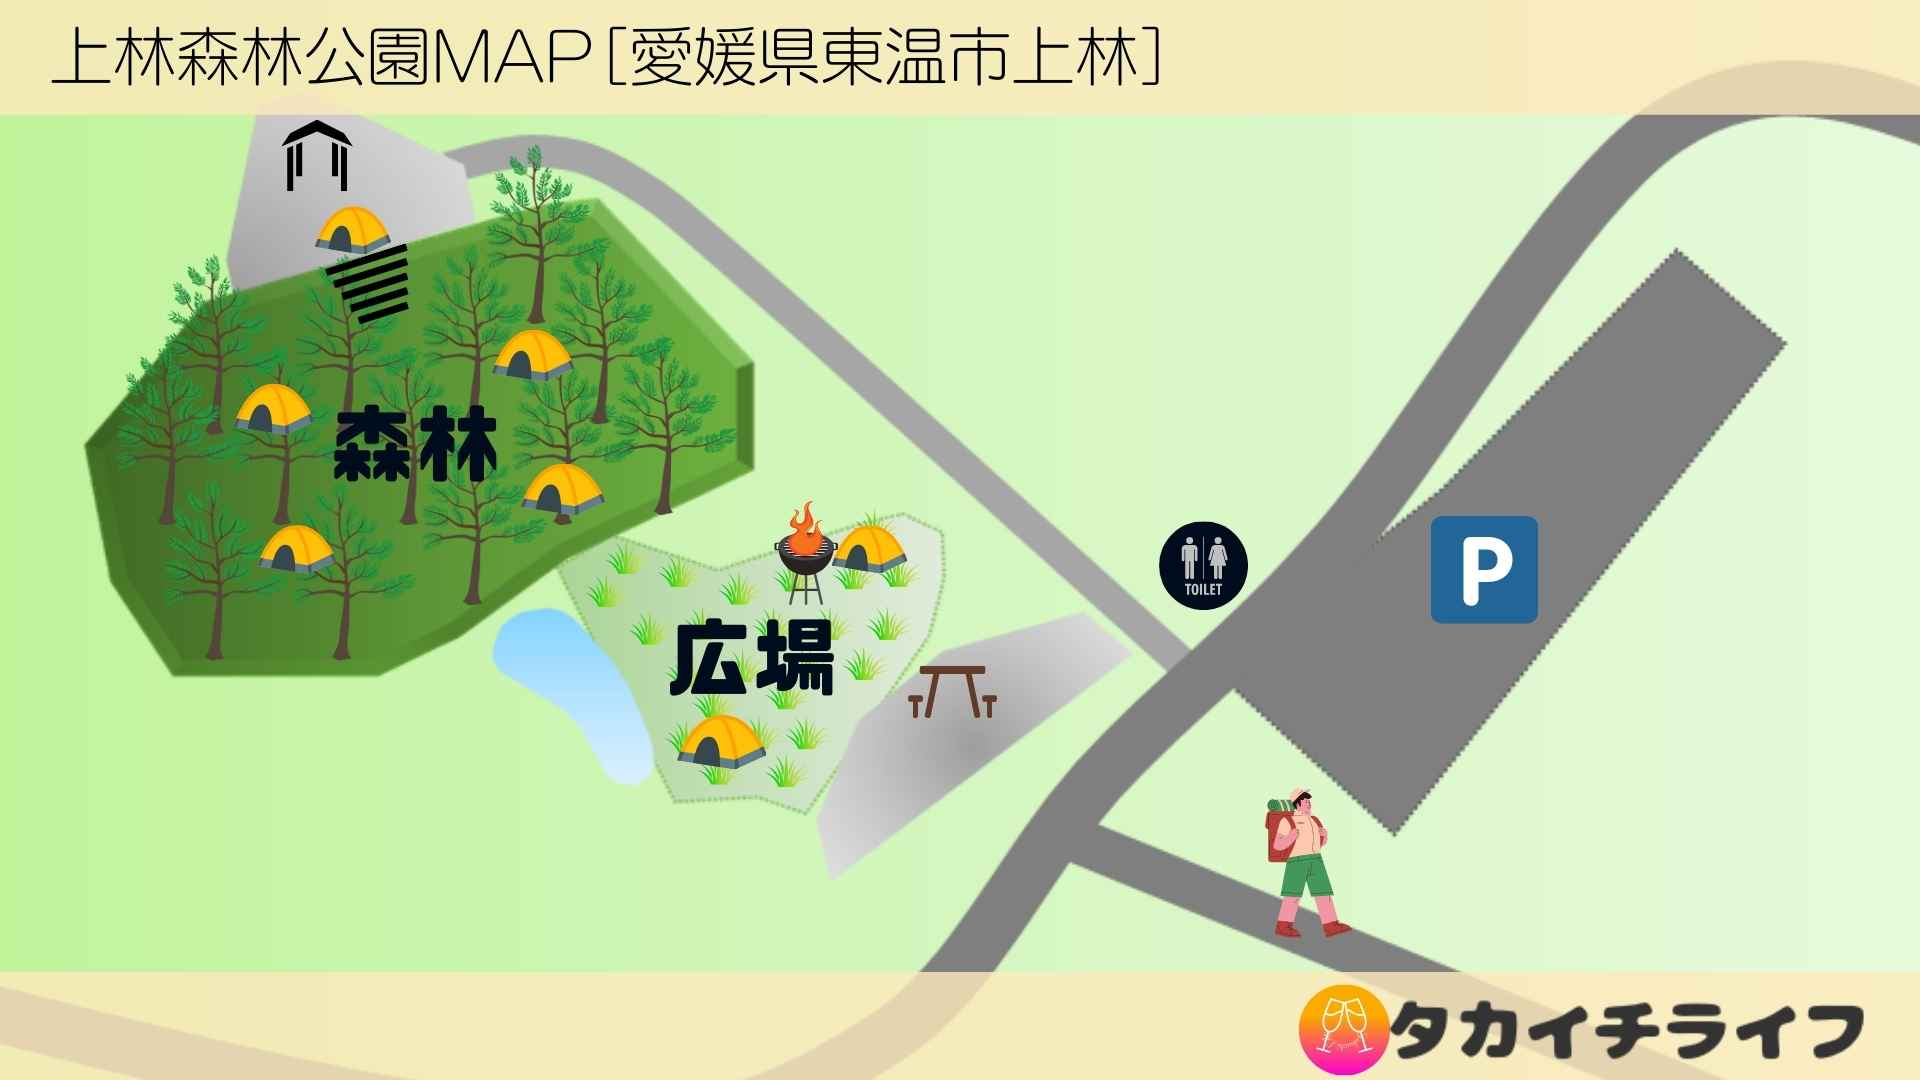 上林森林公園の一部を簡略化した地図